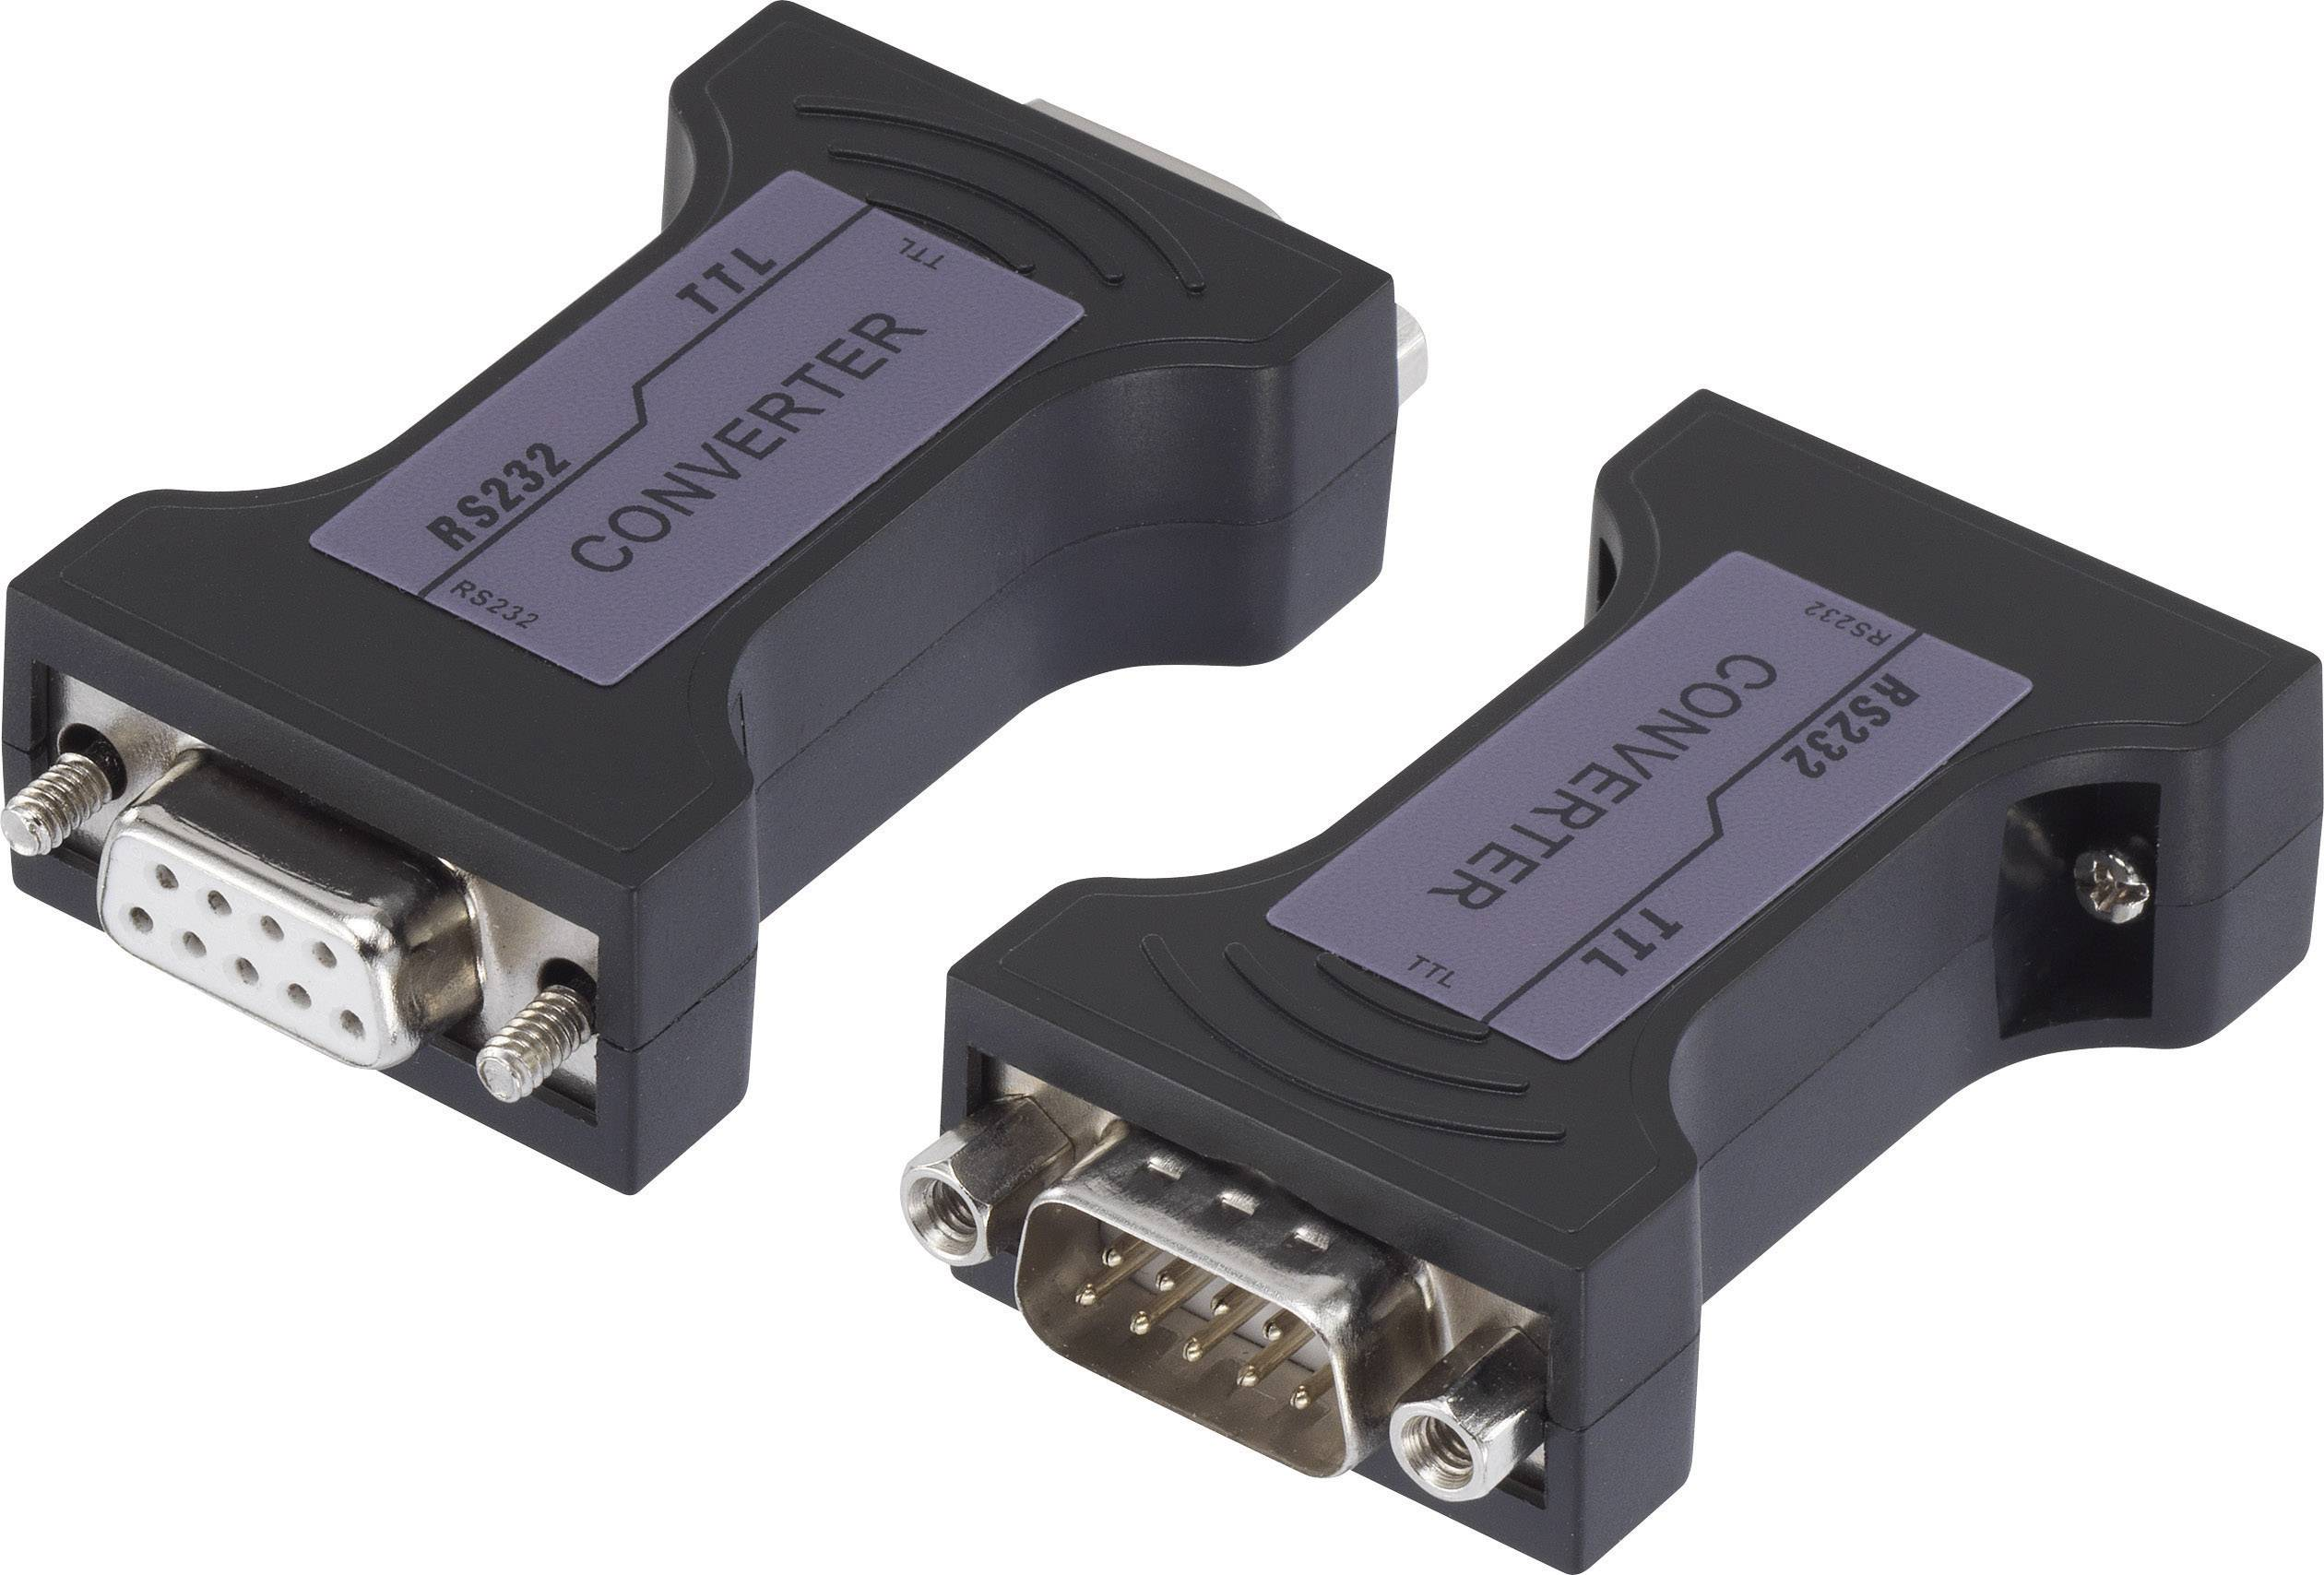 Sériový adaptér Renkforce [1x D-SUB zástrčka 9pólová - 1x D-SUB zásuvka 9pólová], černá